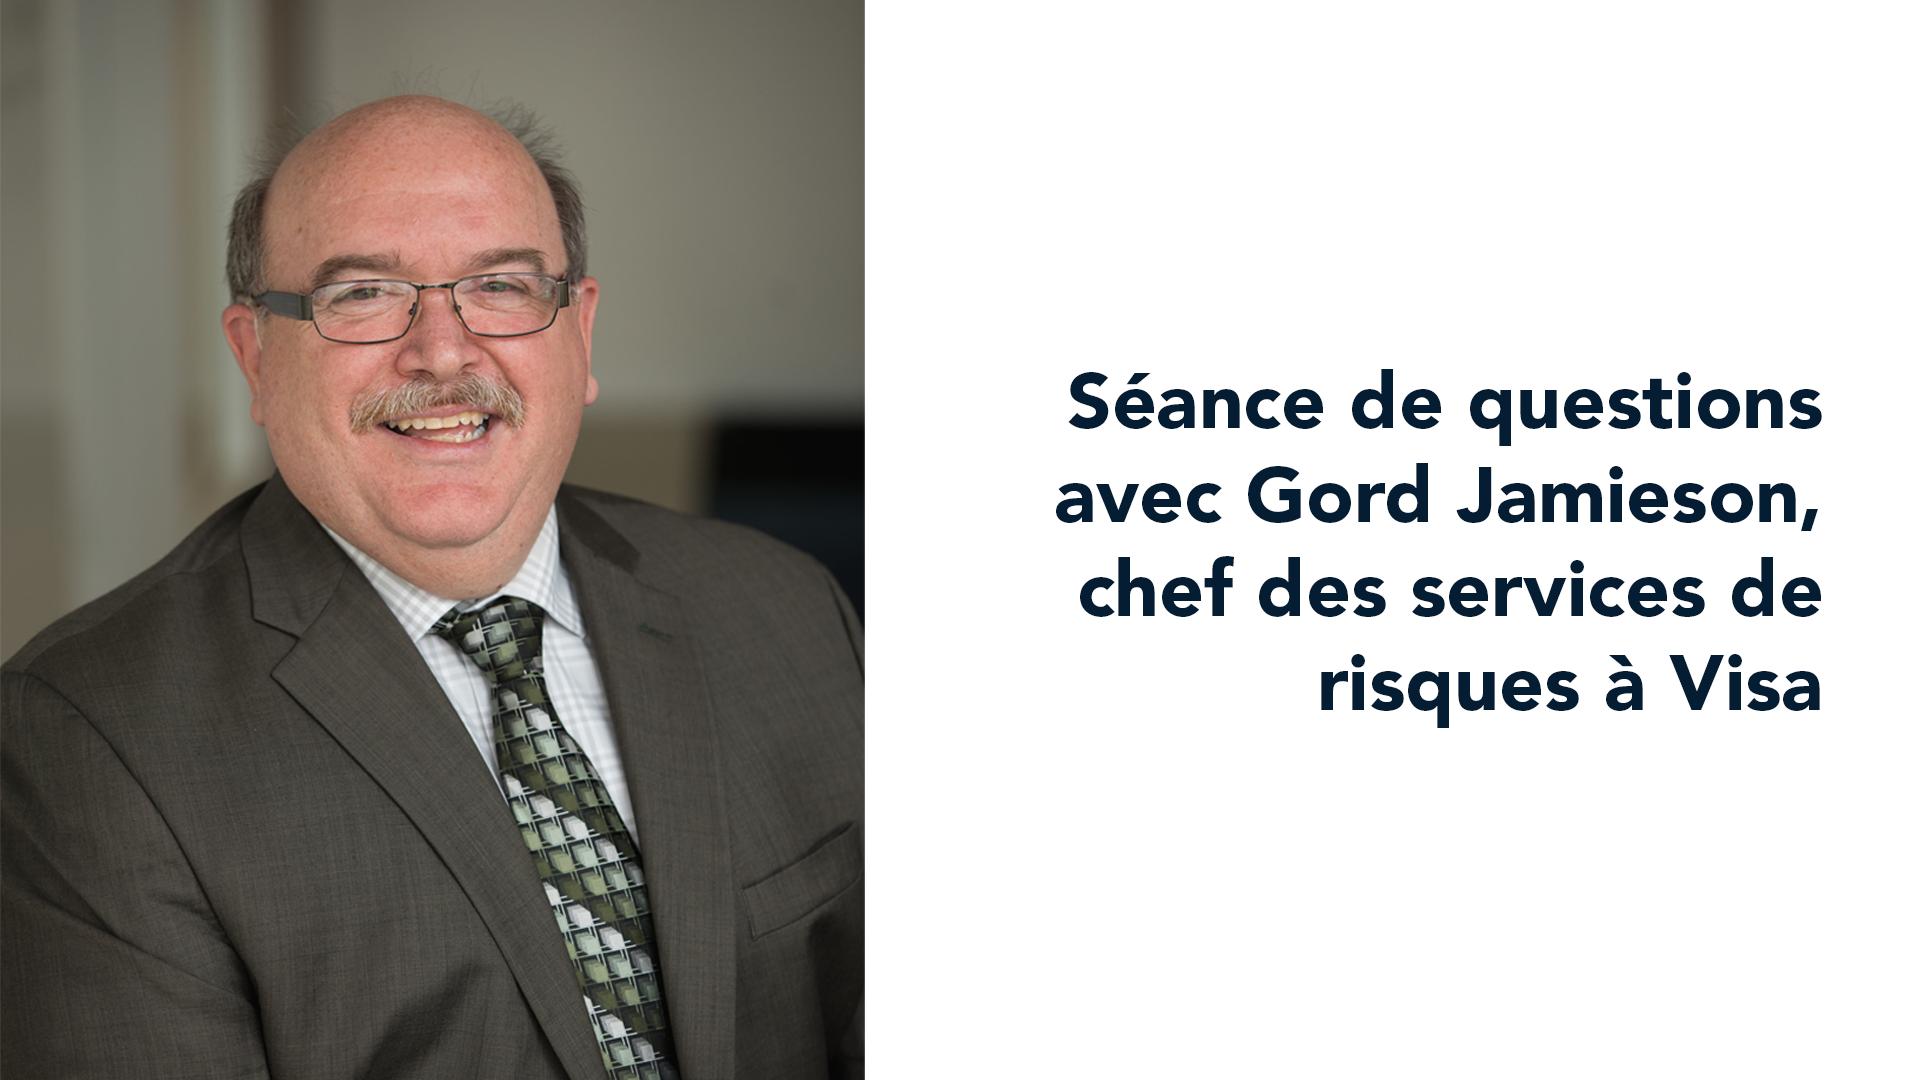 Minimiser les risques liés aux systèmes de paiement : une séance de questions avec Gord Jamieson